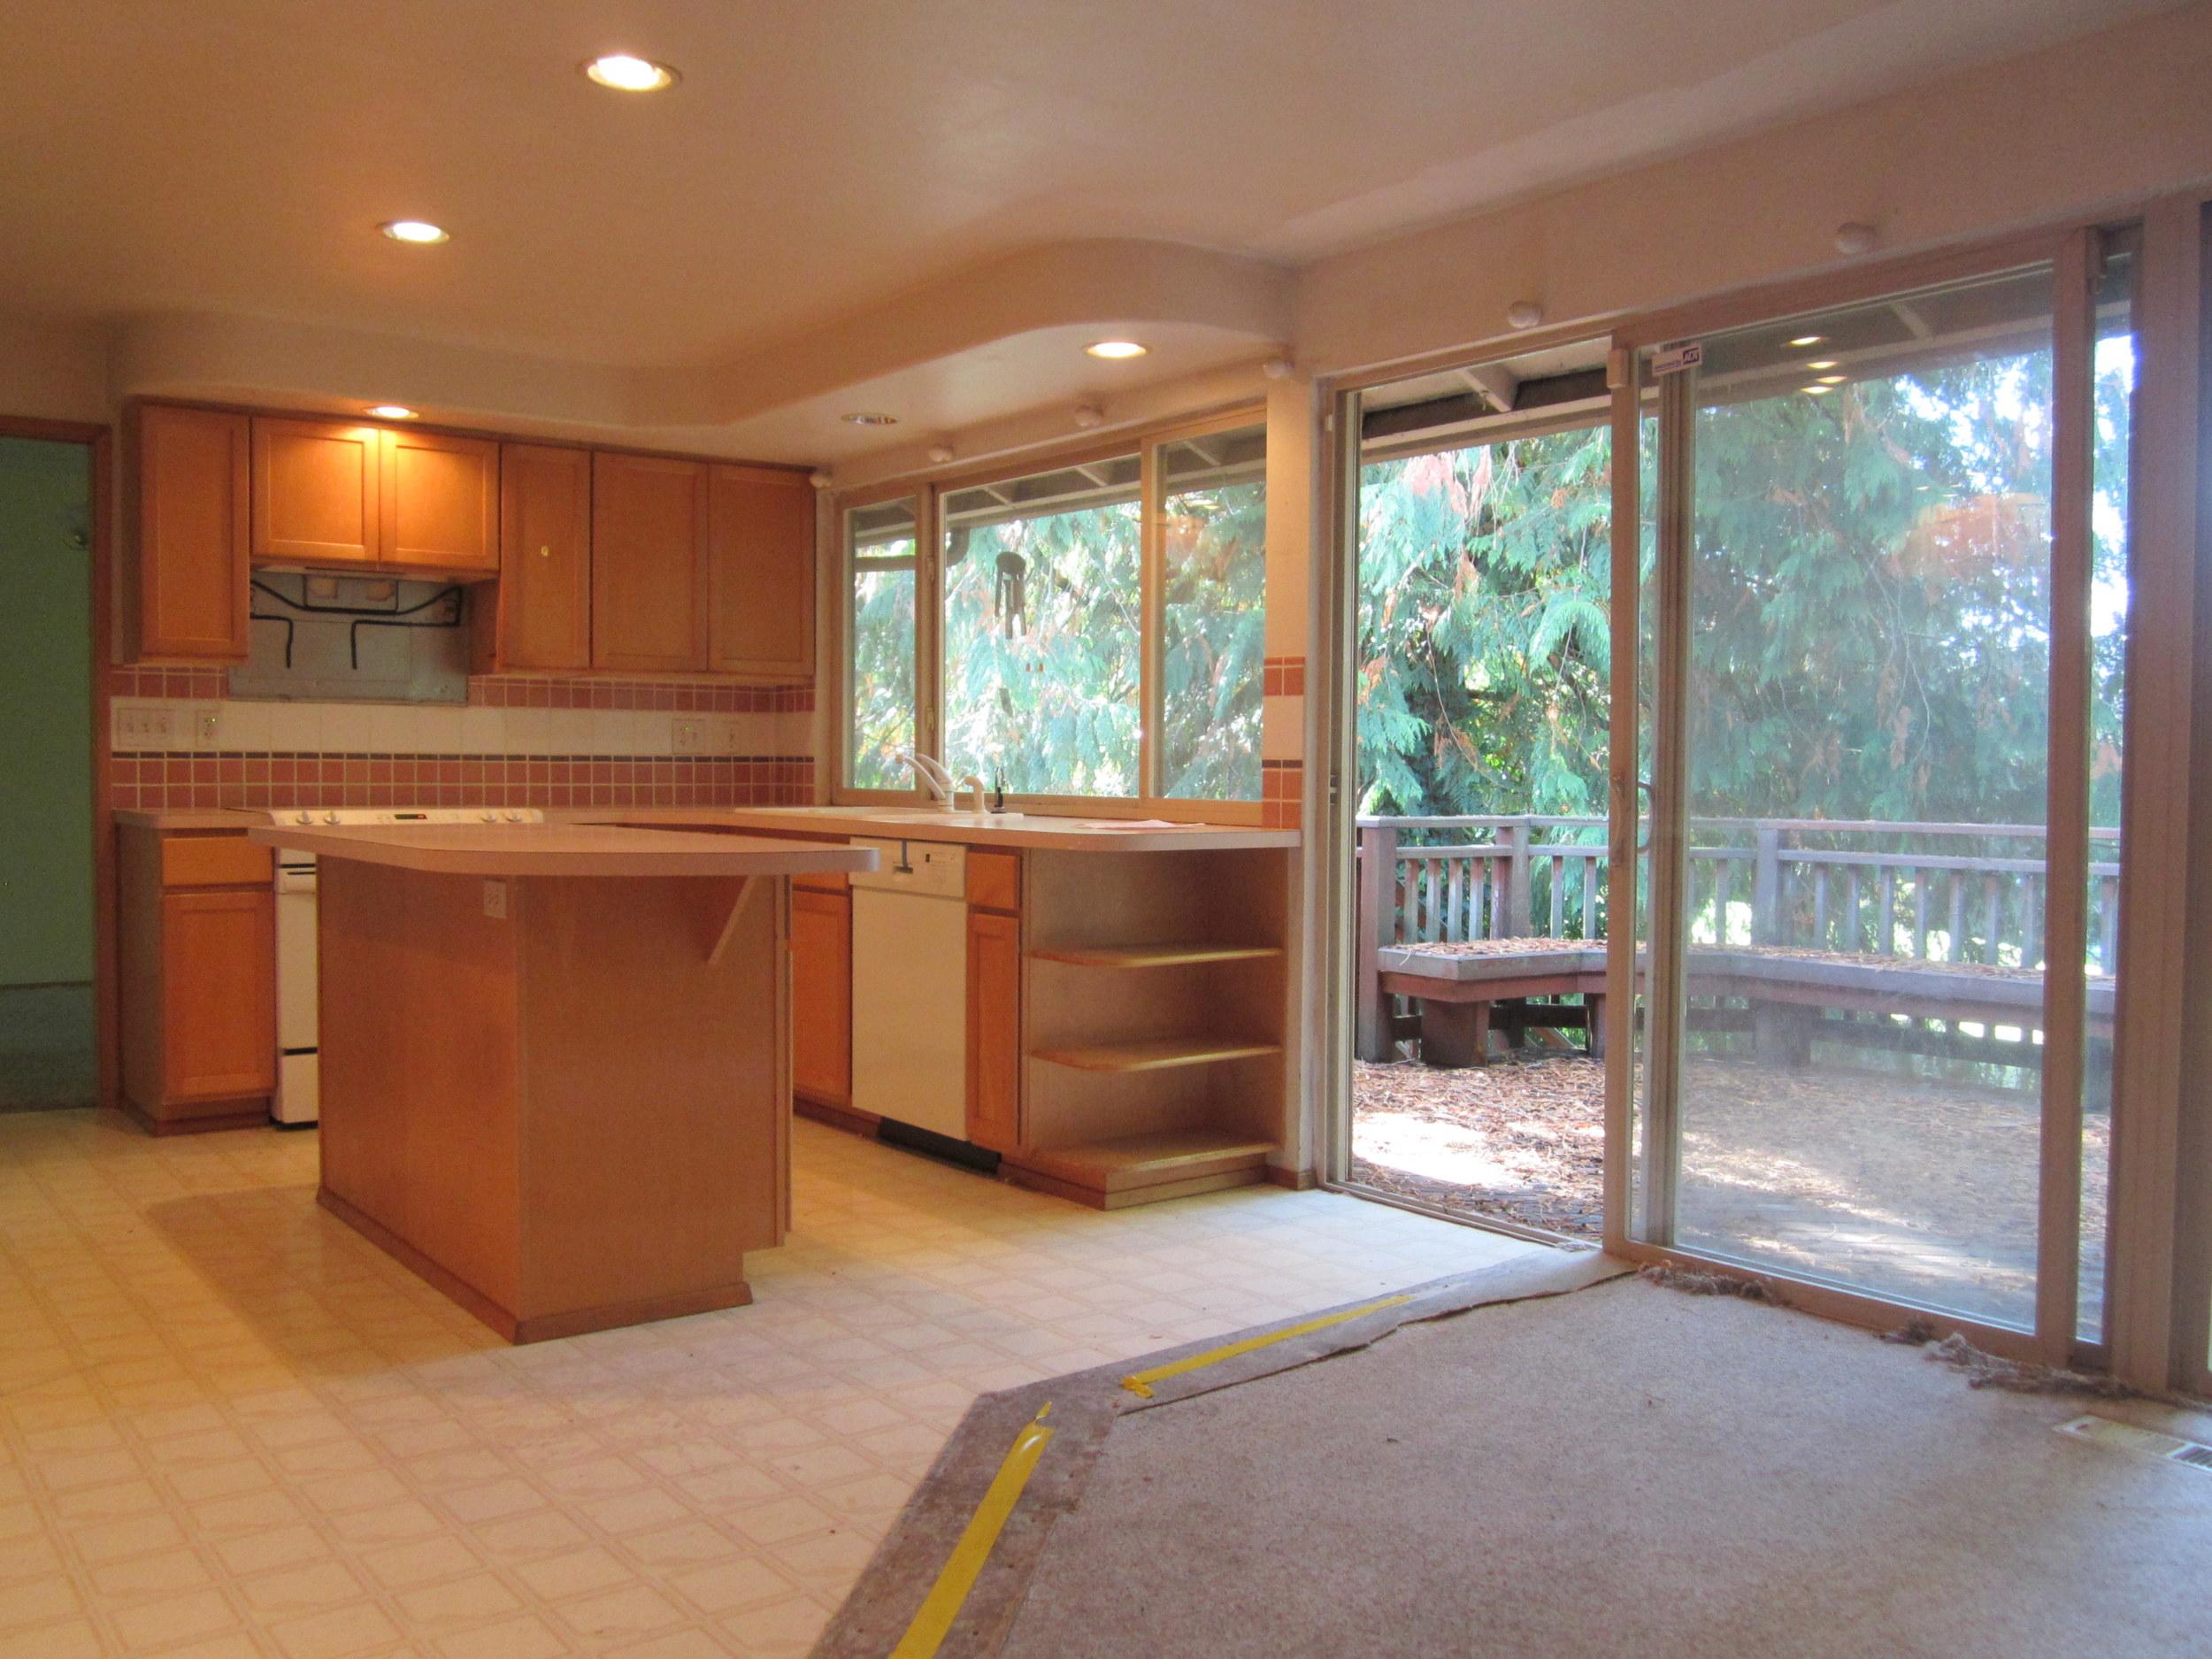 561-933522-kitchen1.JPG